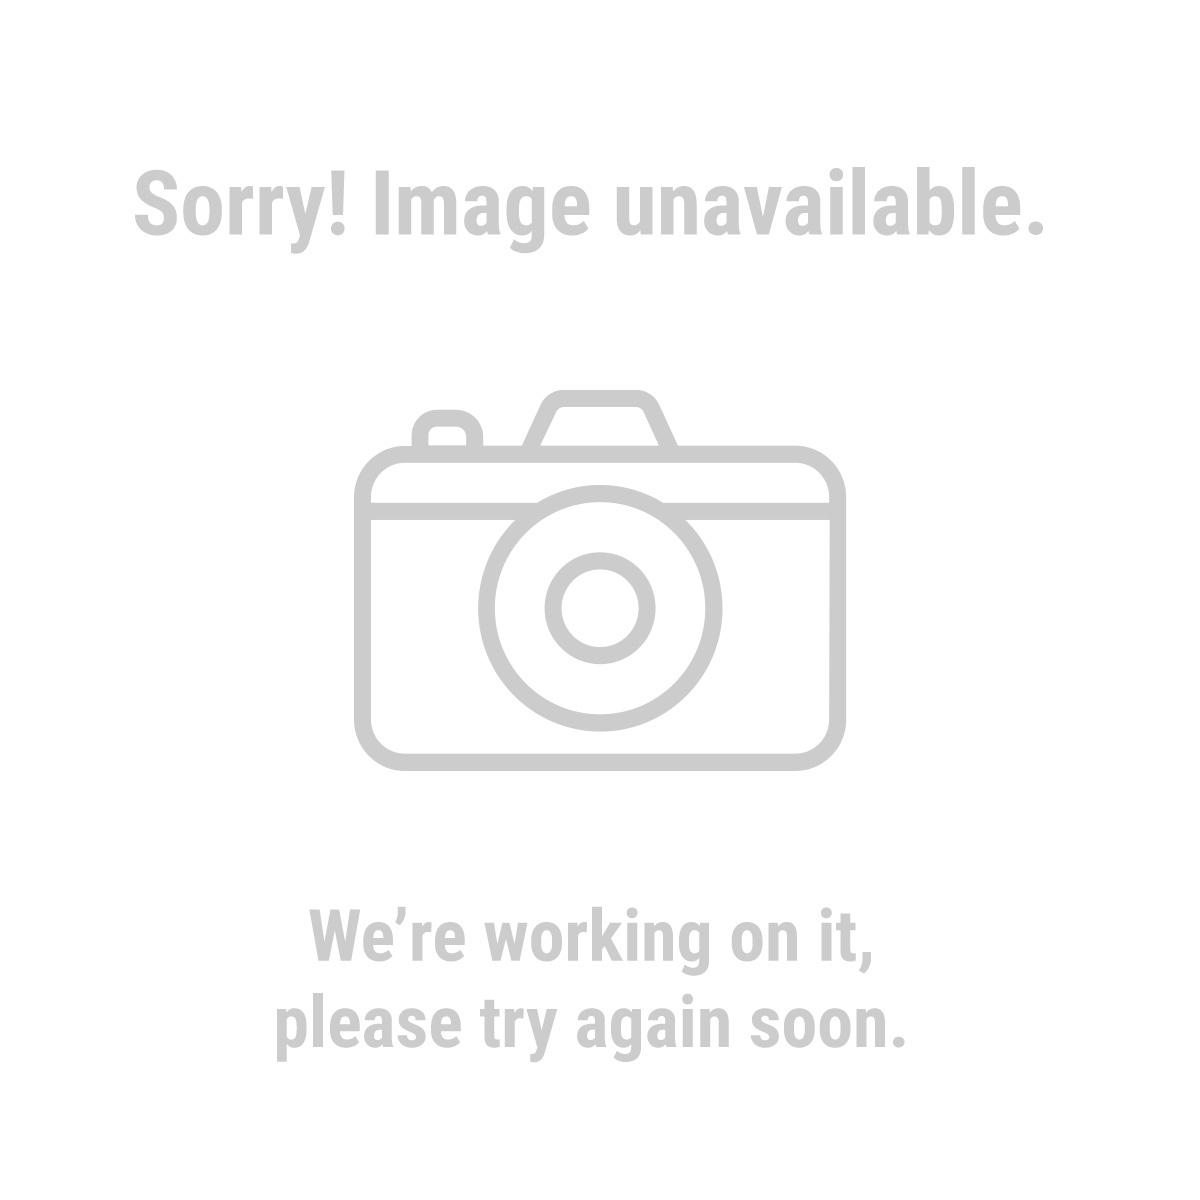 HFT® 62407 Anti-Fatigue Roll Mat